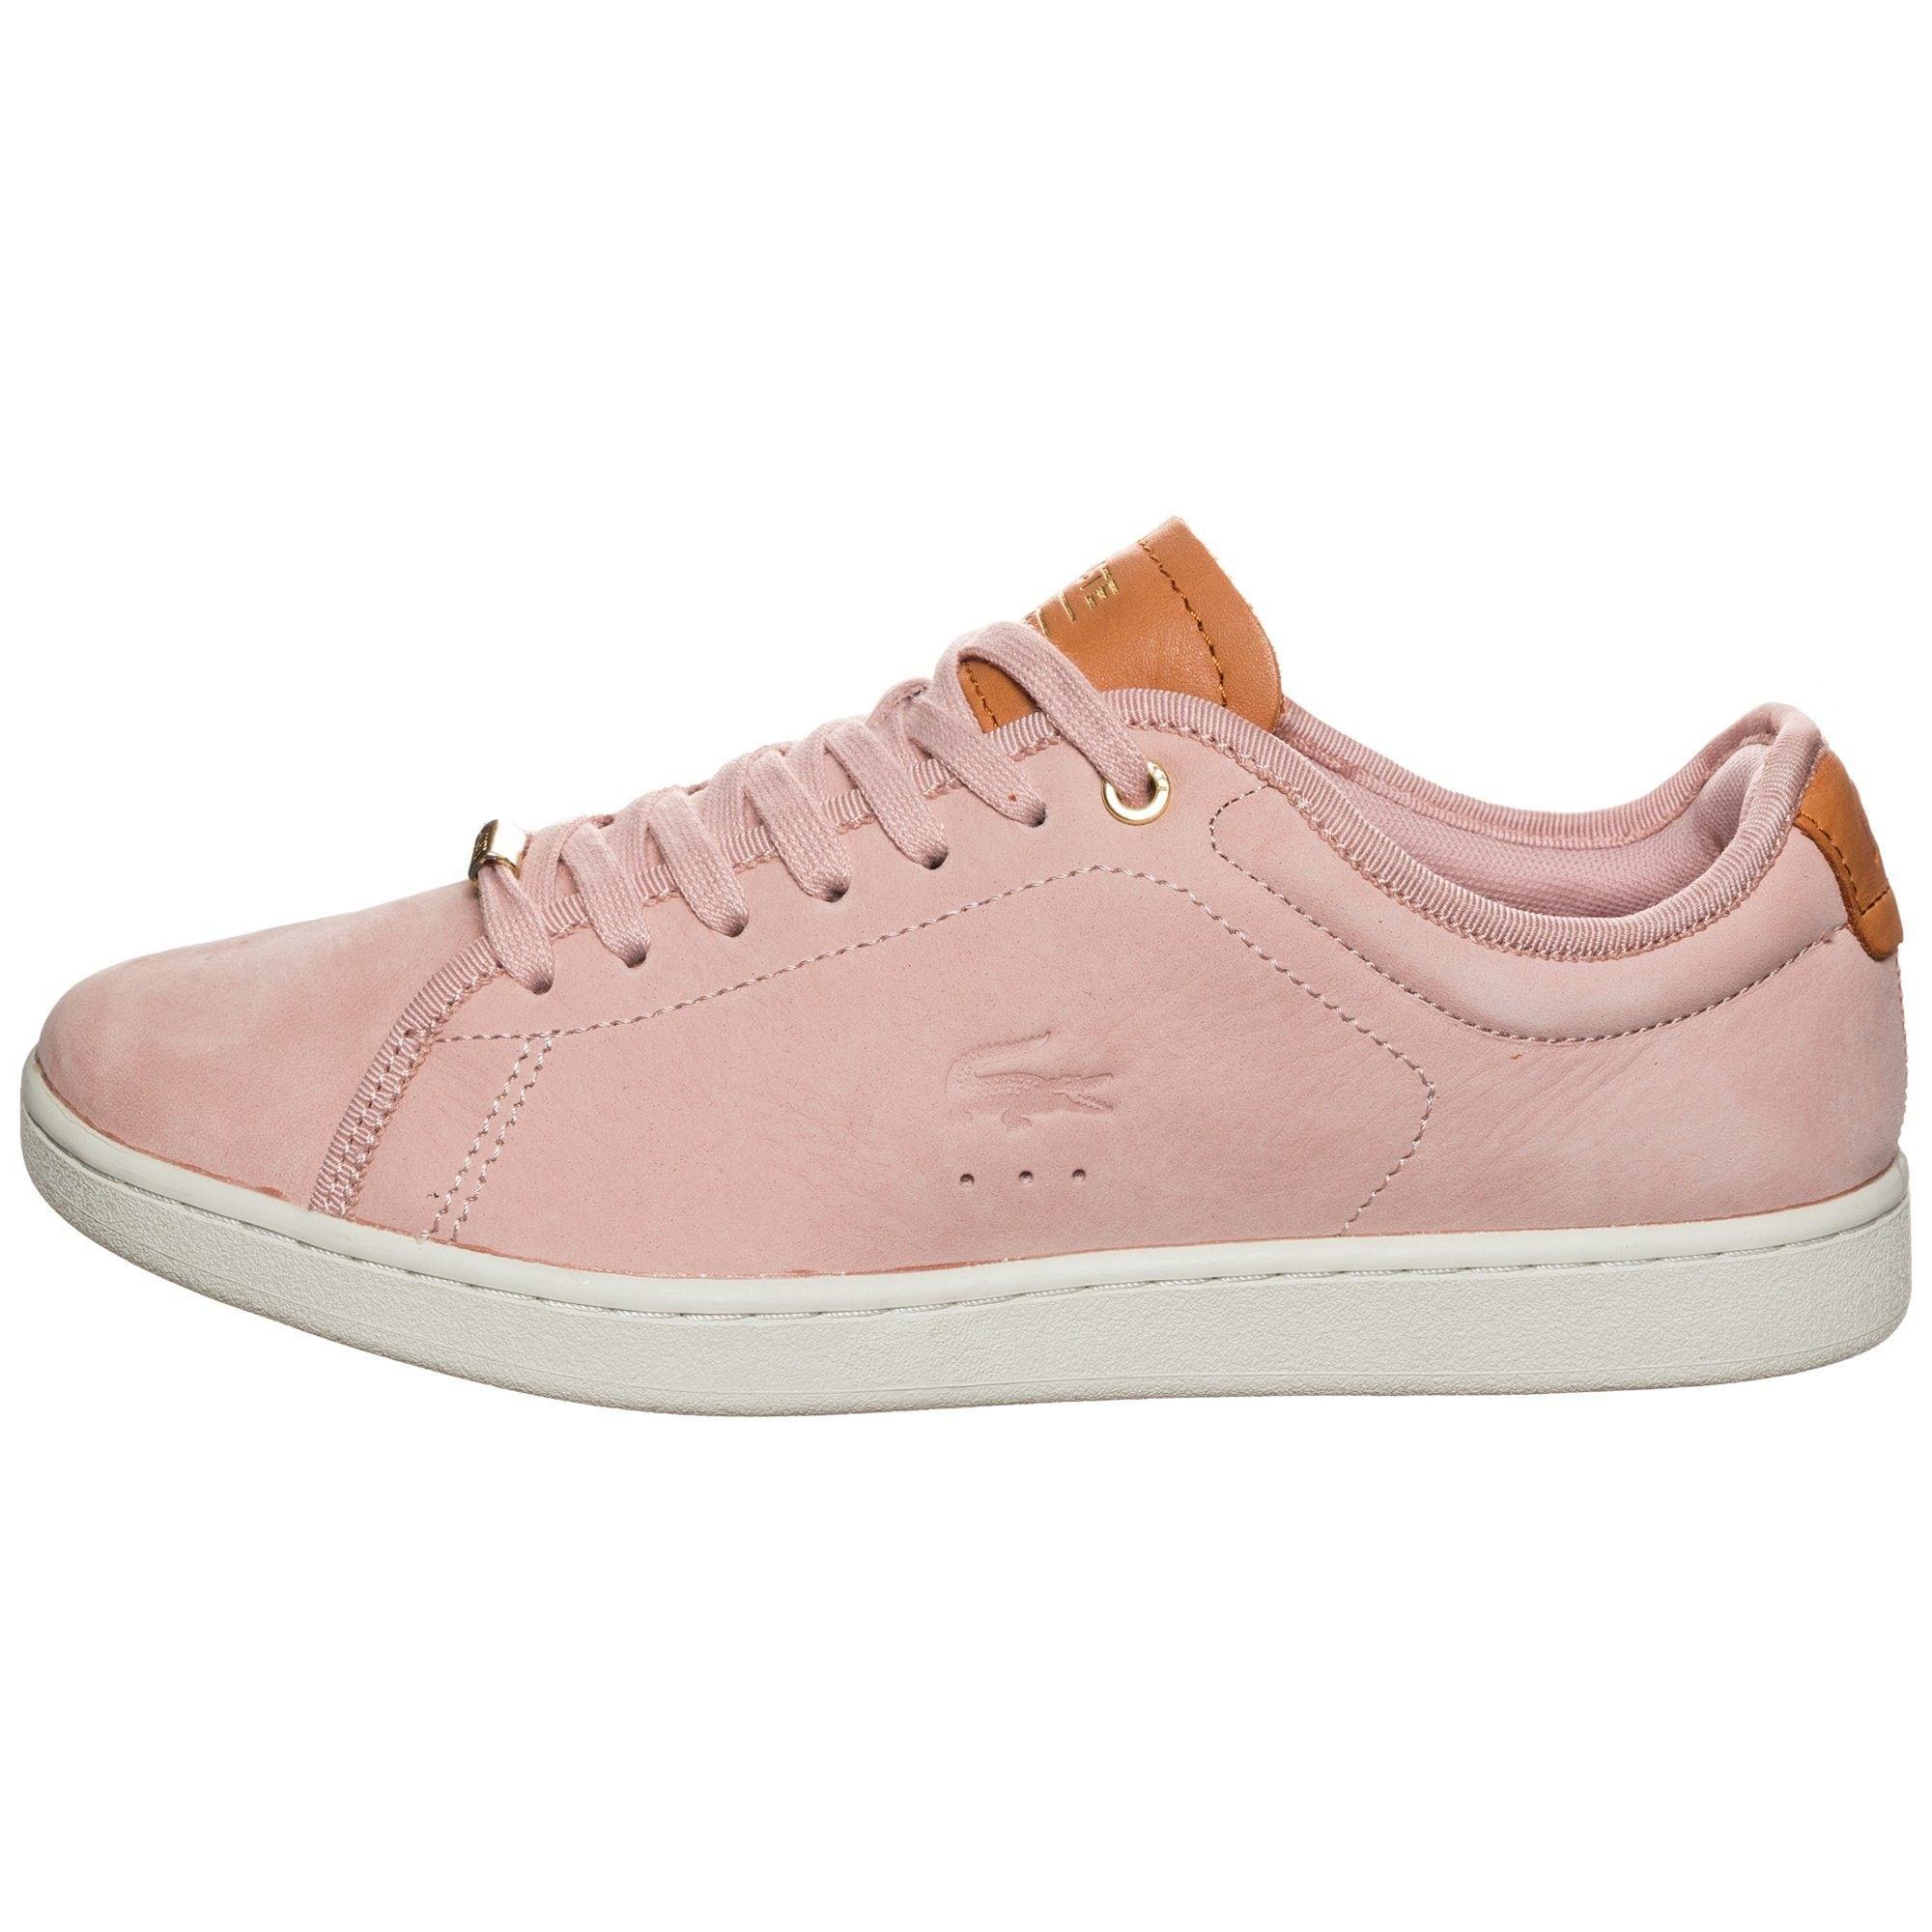 Lacoste Sneaker »Carnaby Evo« günstig es online kaufen | Gutes Preis-Leistungs-Verhältnis, es günstig lohnt sich 30e5e5